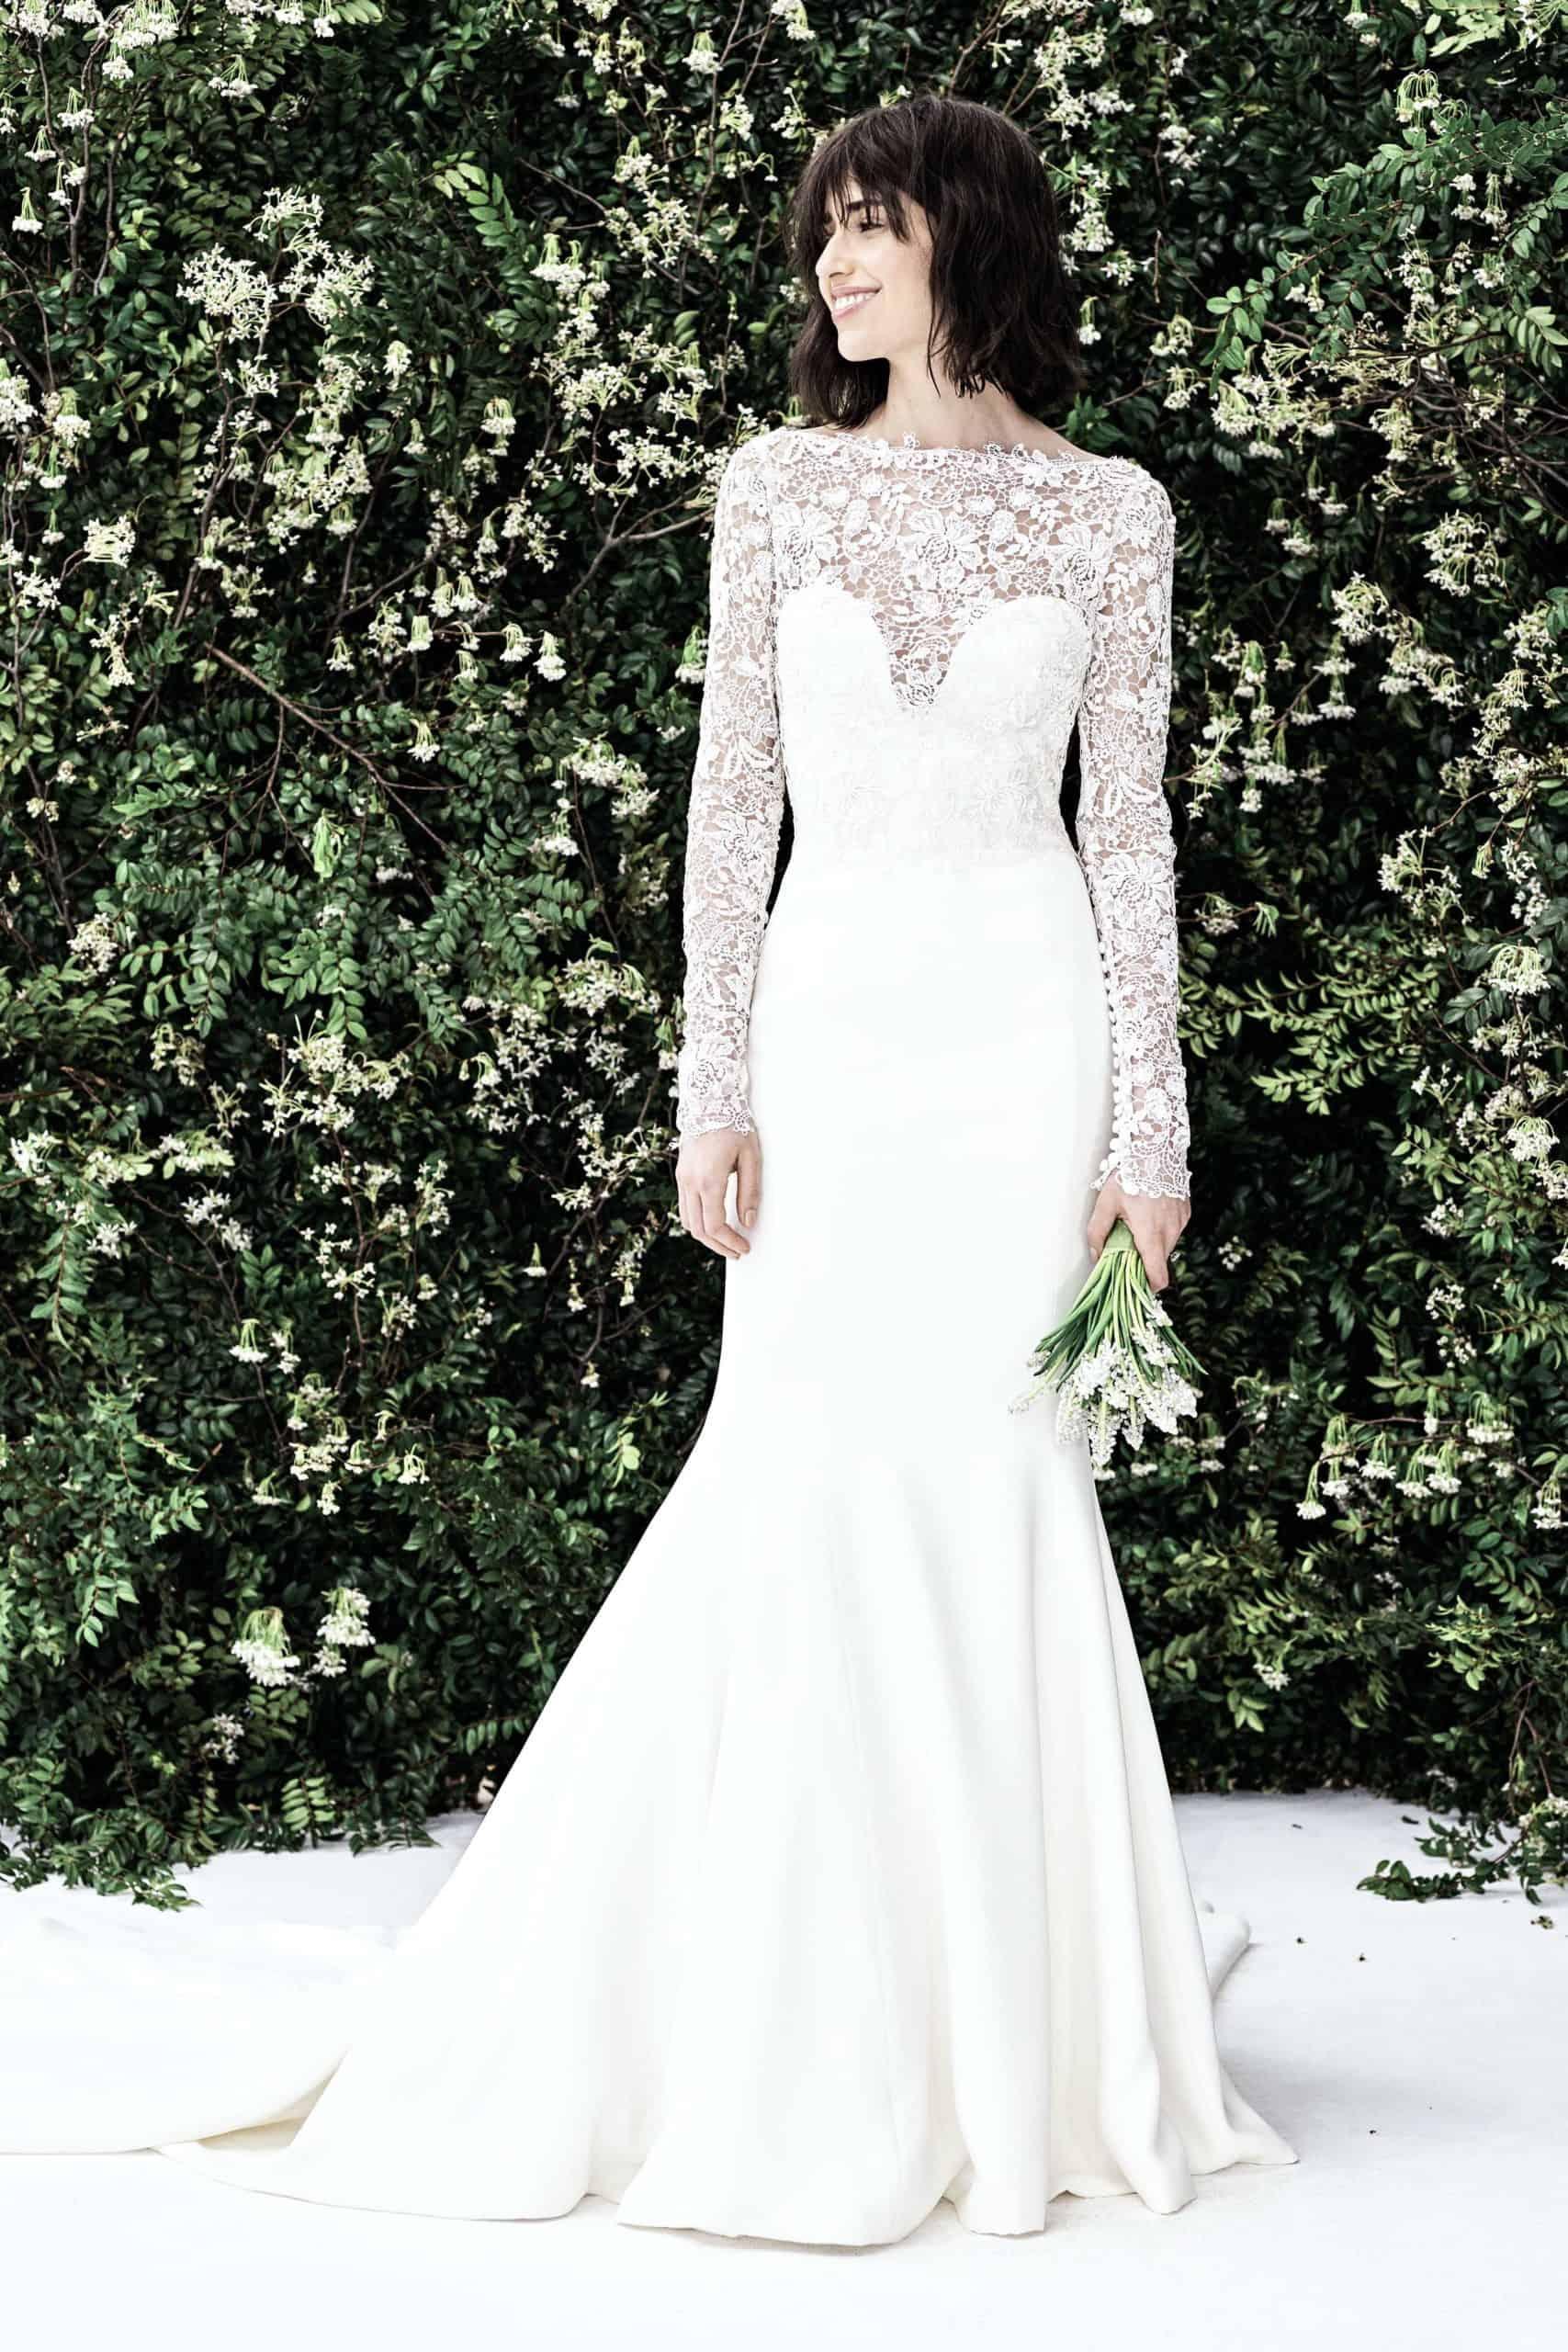 νυφικό φόρεμα με μανίκια από φαντέλα από την Carolina Herrera